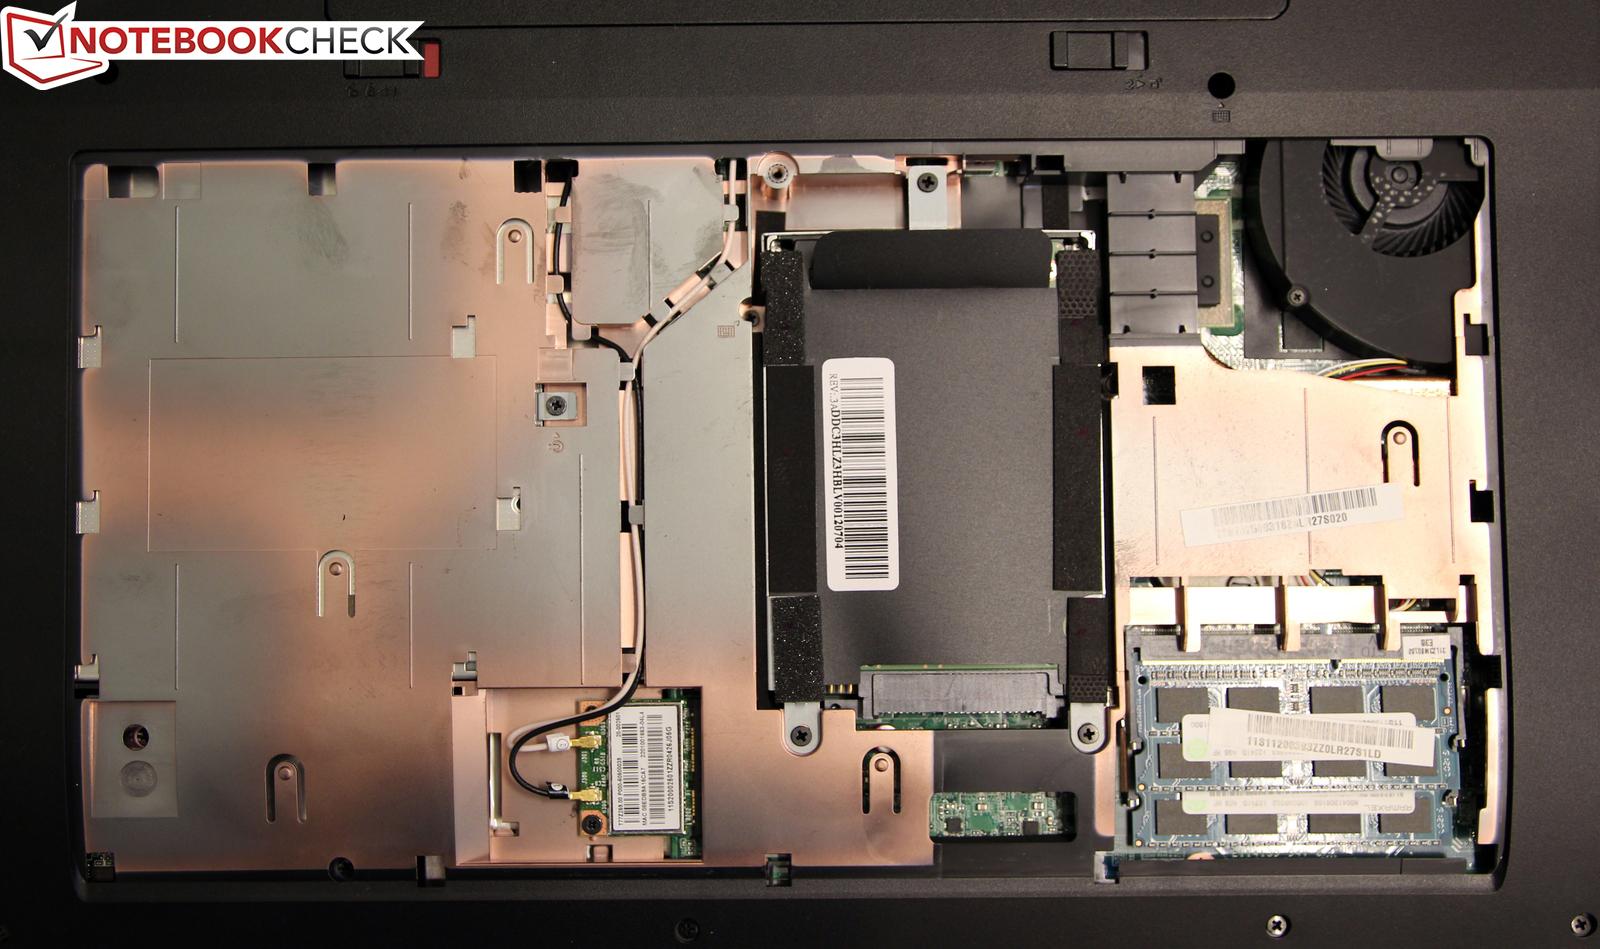 Review Lenovo Ideapad Z585 Notebook Notebookcheck Net